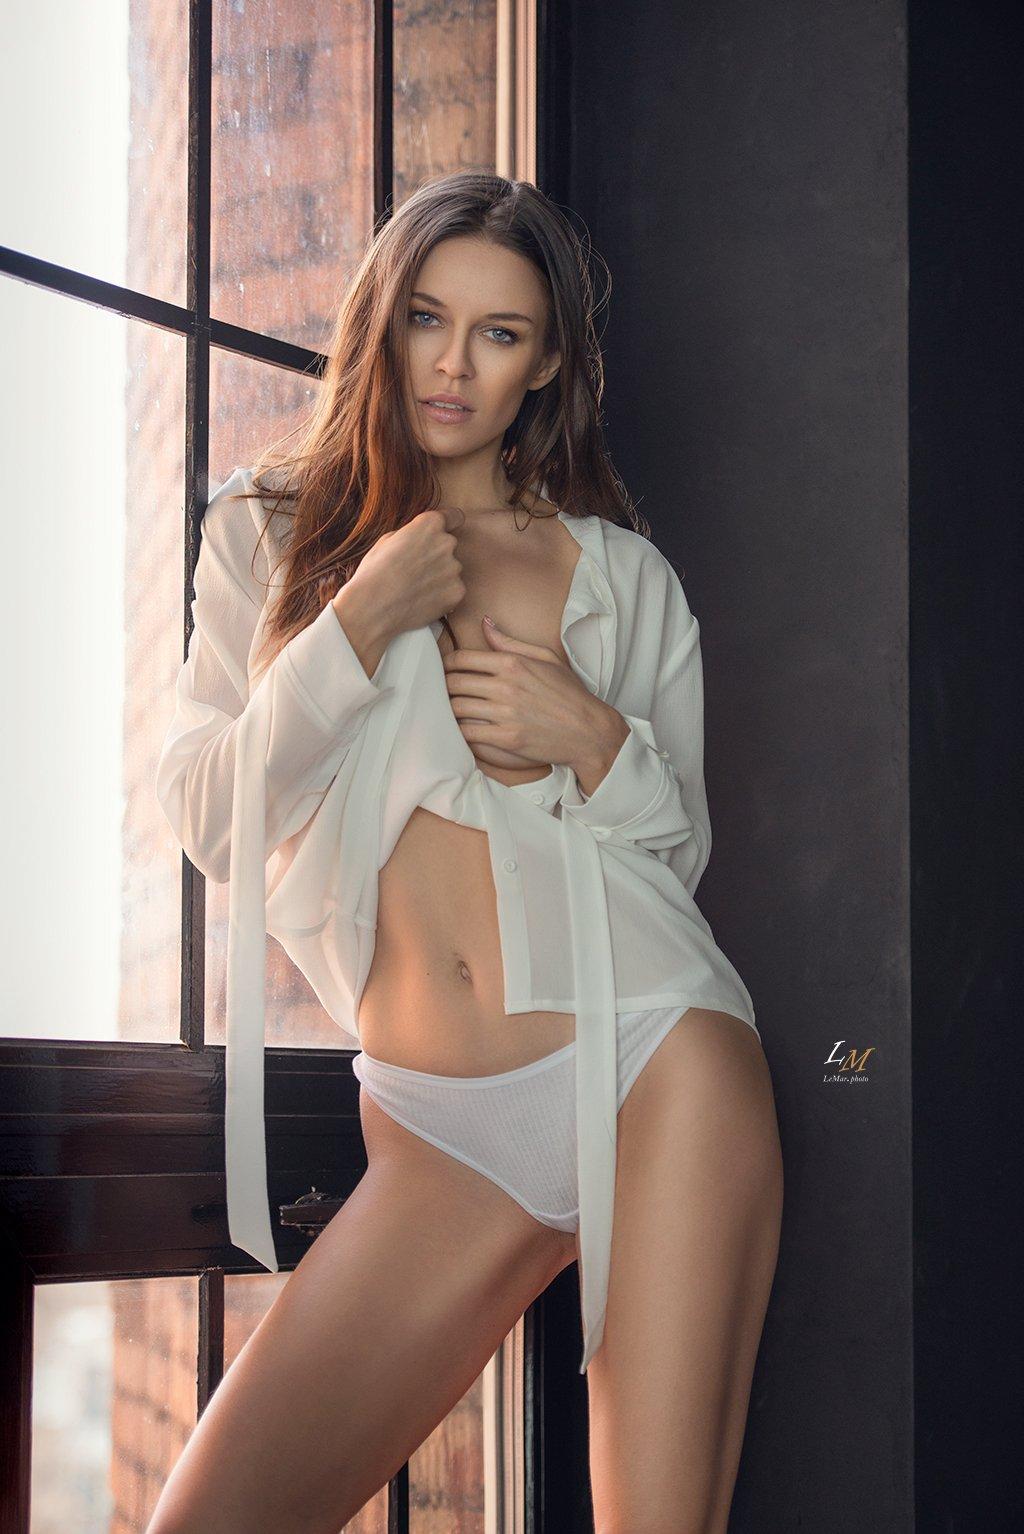 портрет, студия, девушка, москва, фотограф, женский портрет, портретный фотограф, Маркачев Леонид